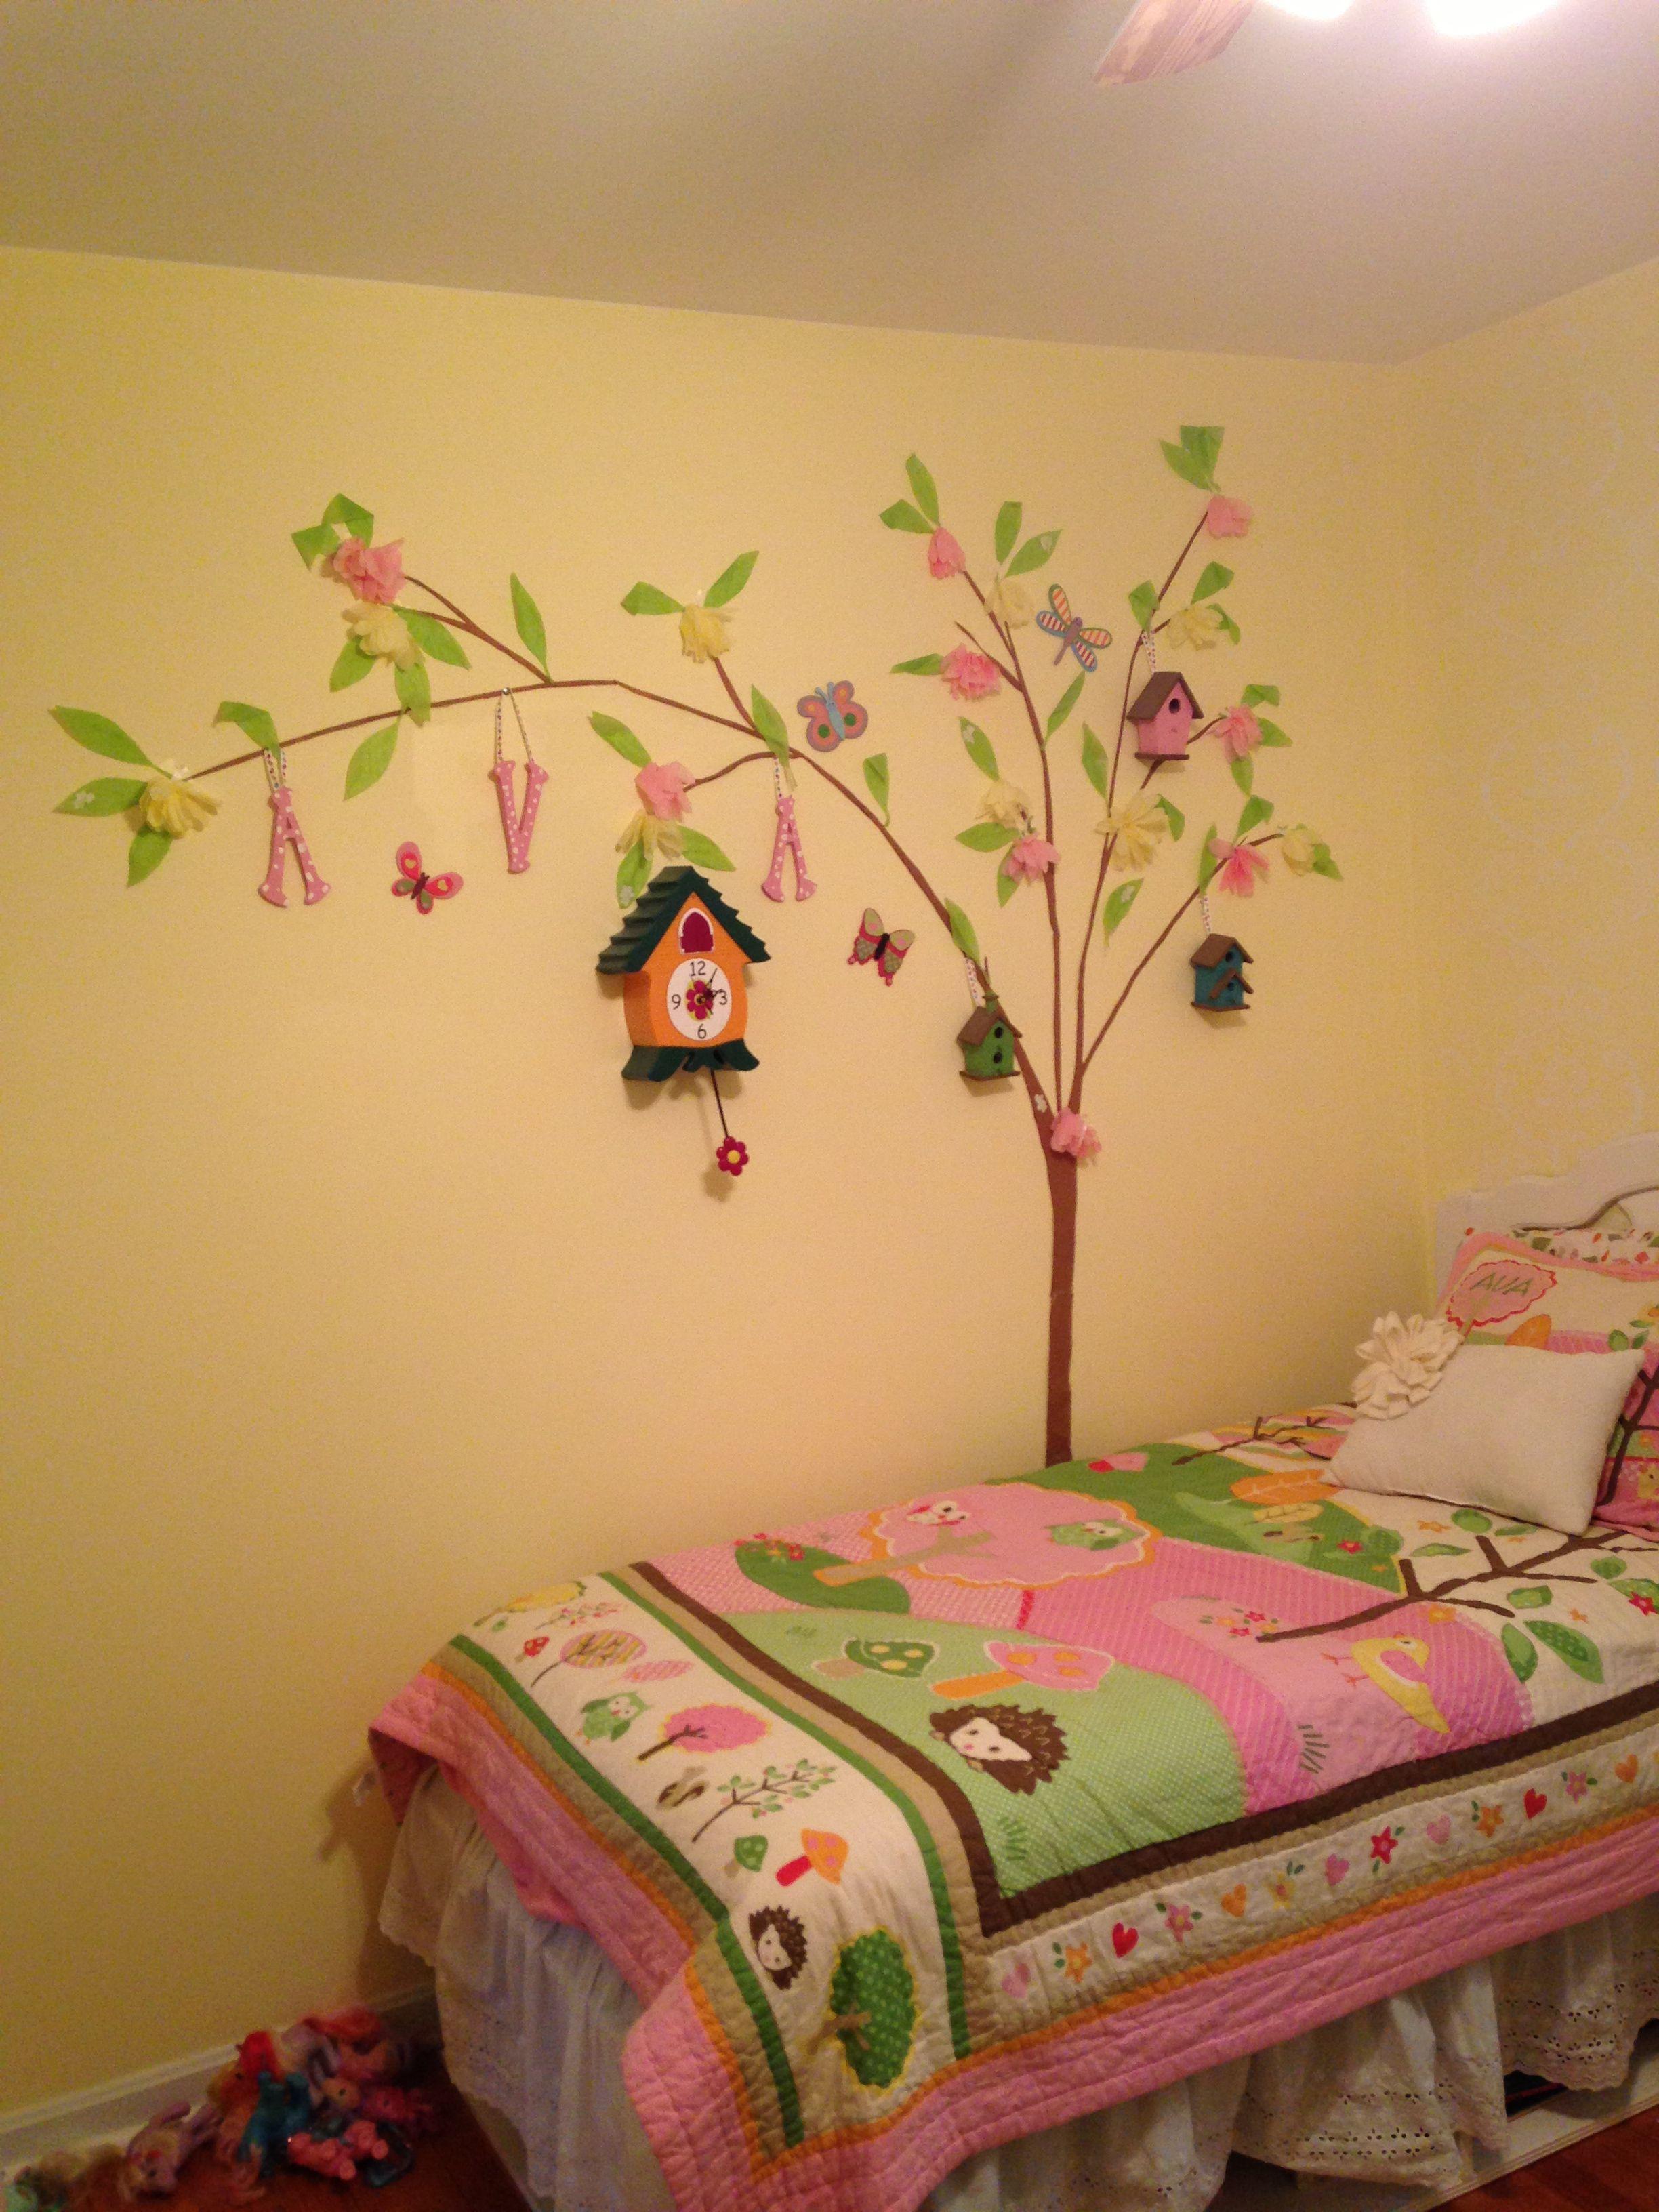 Fun Little Girls Bedroom Wall Art Handmade